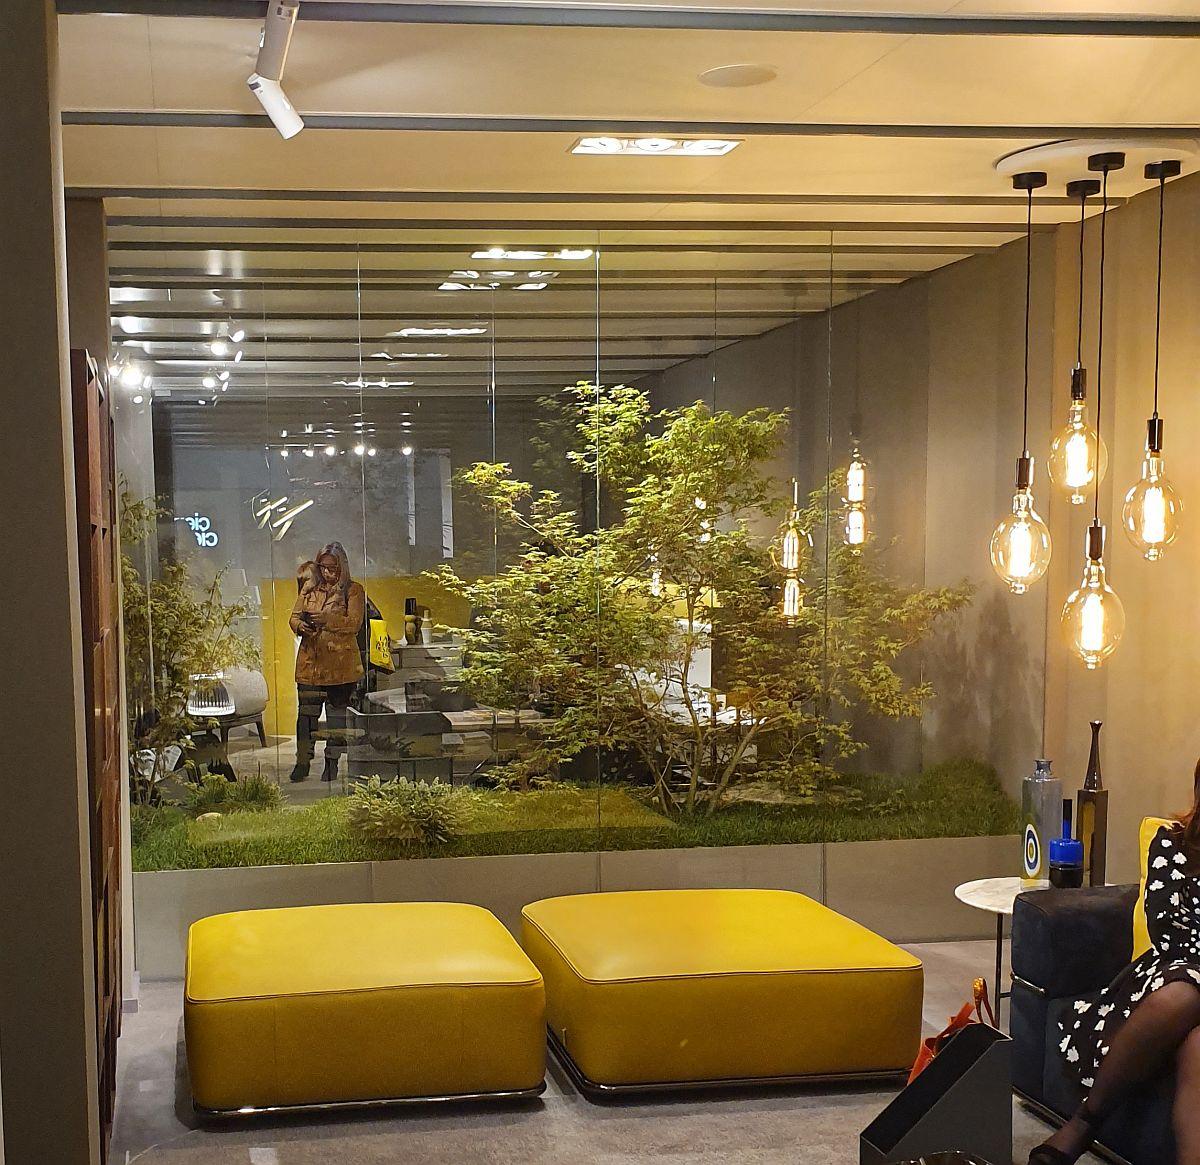 Foarte interesante efectele cu separări de sticlă între care erau plante. Corpurile de iluminat se reflectau în suprafețele sticlei, iar plantele creau un fundal proaspăt pentru piesele de mobilier, dar te și invitau să explorezi mai departe.